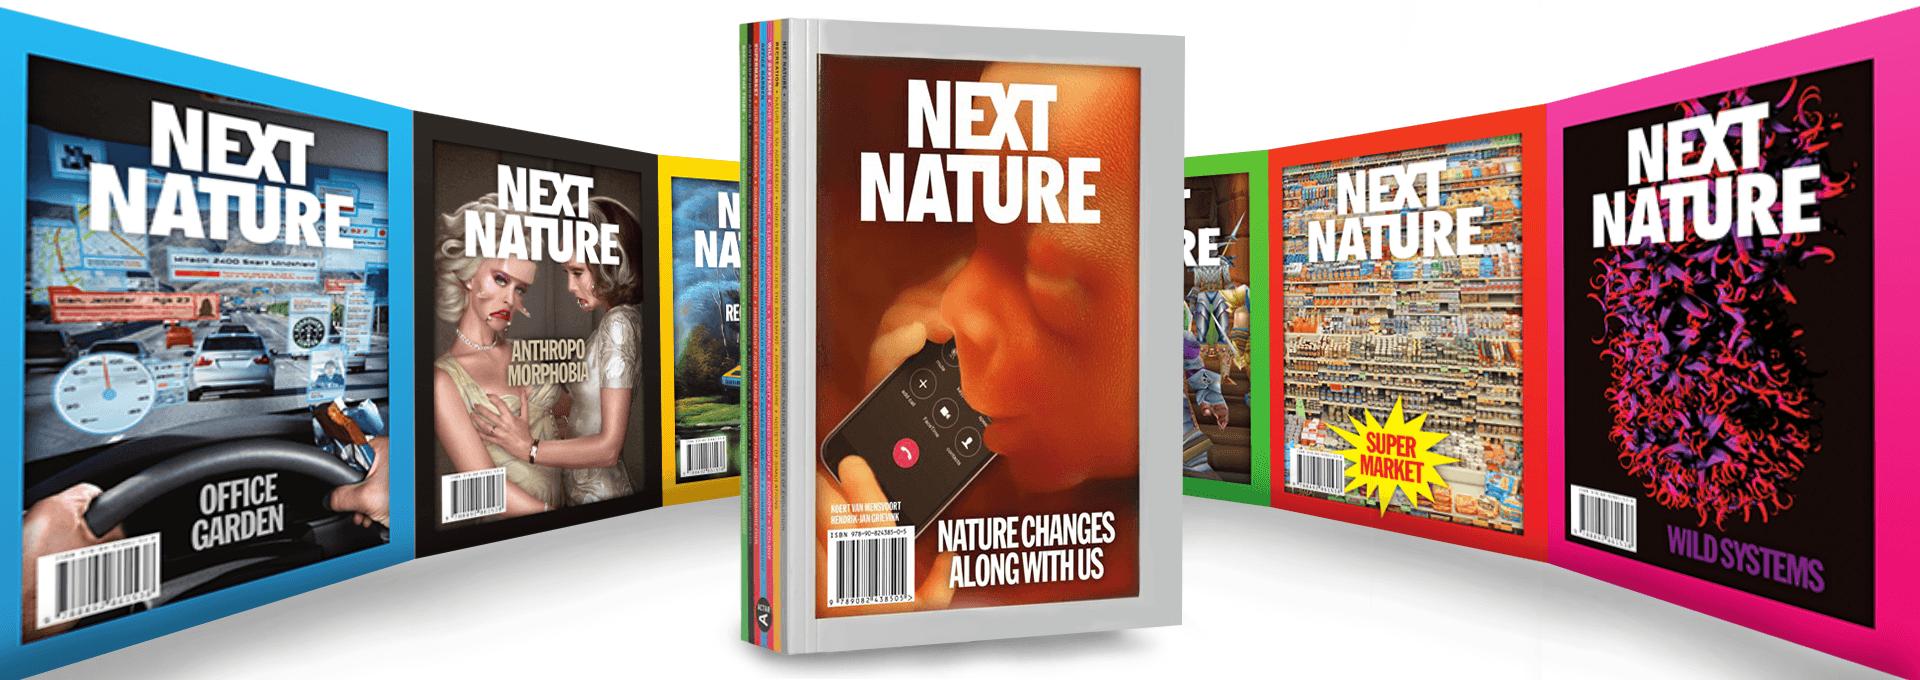 Next Nature Bible